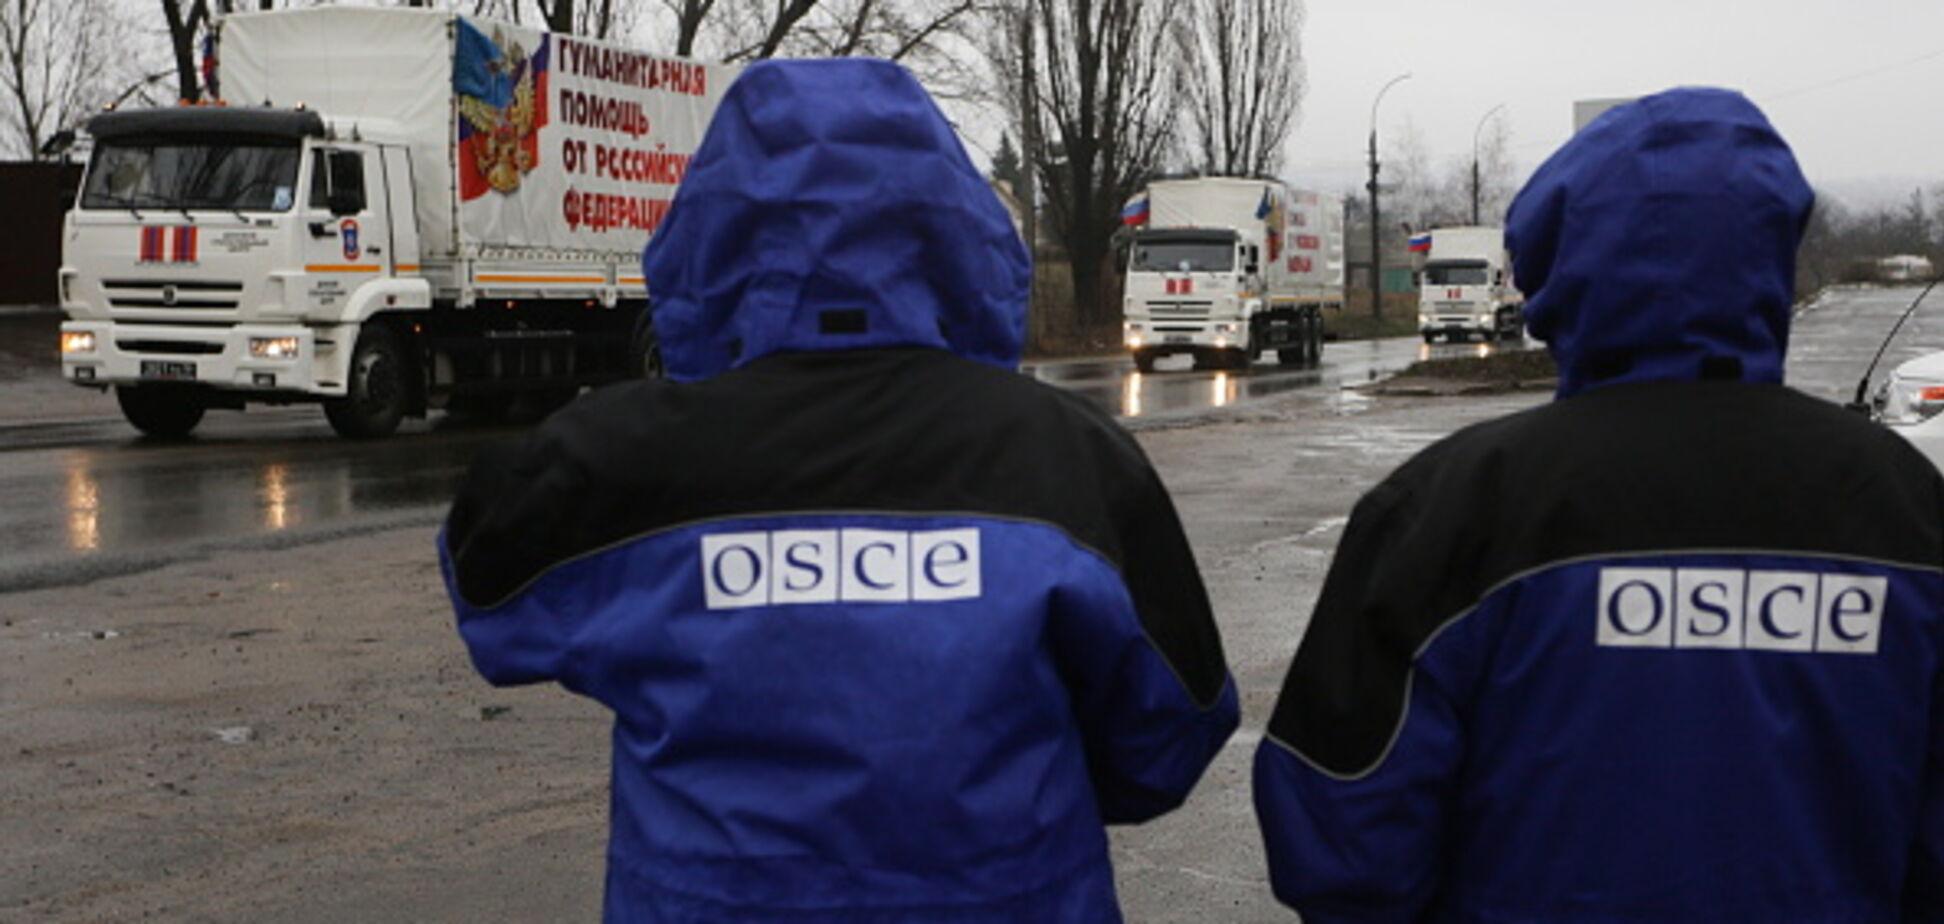 'Это Украина!' Наблюдатель ОБСЕ публично оконфузилась с 'ЛНР' и 'ДНР'